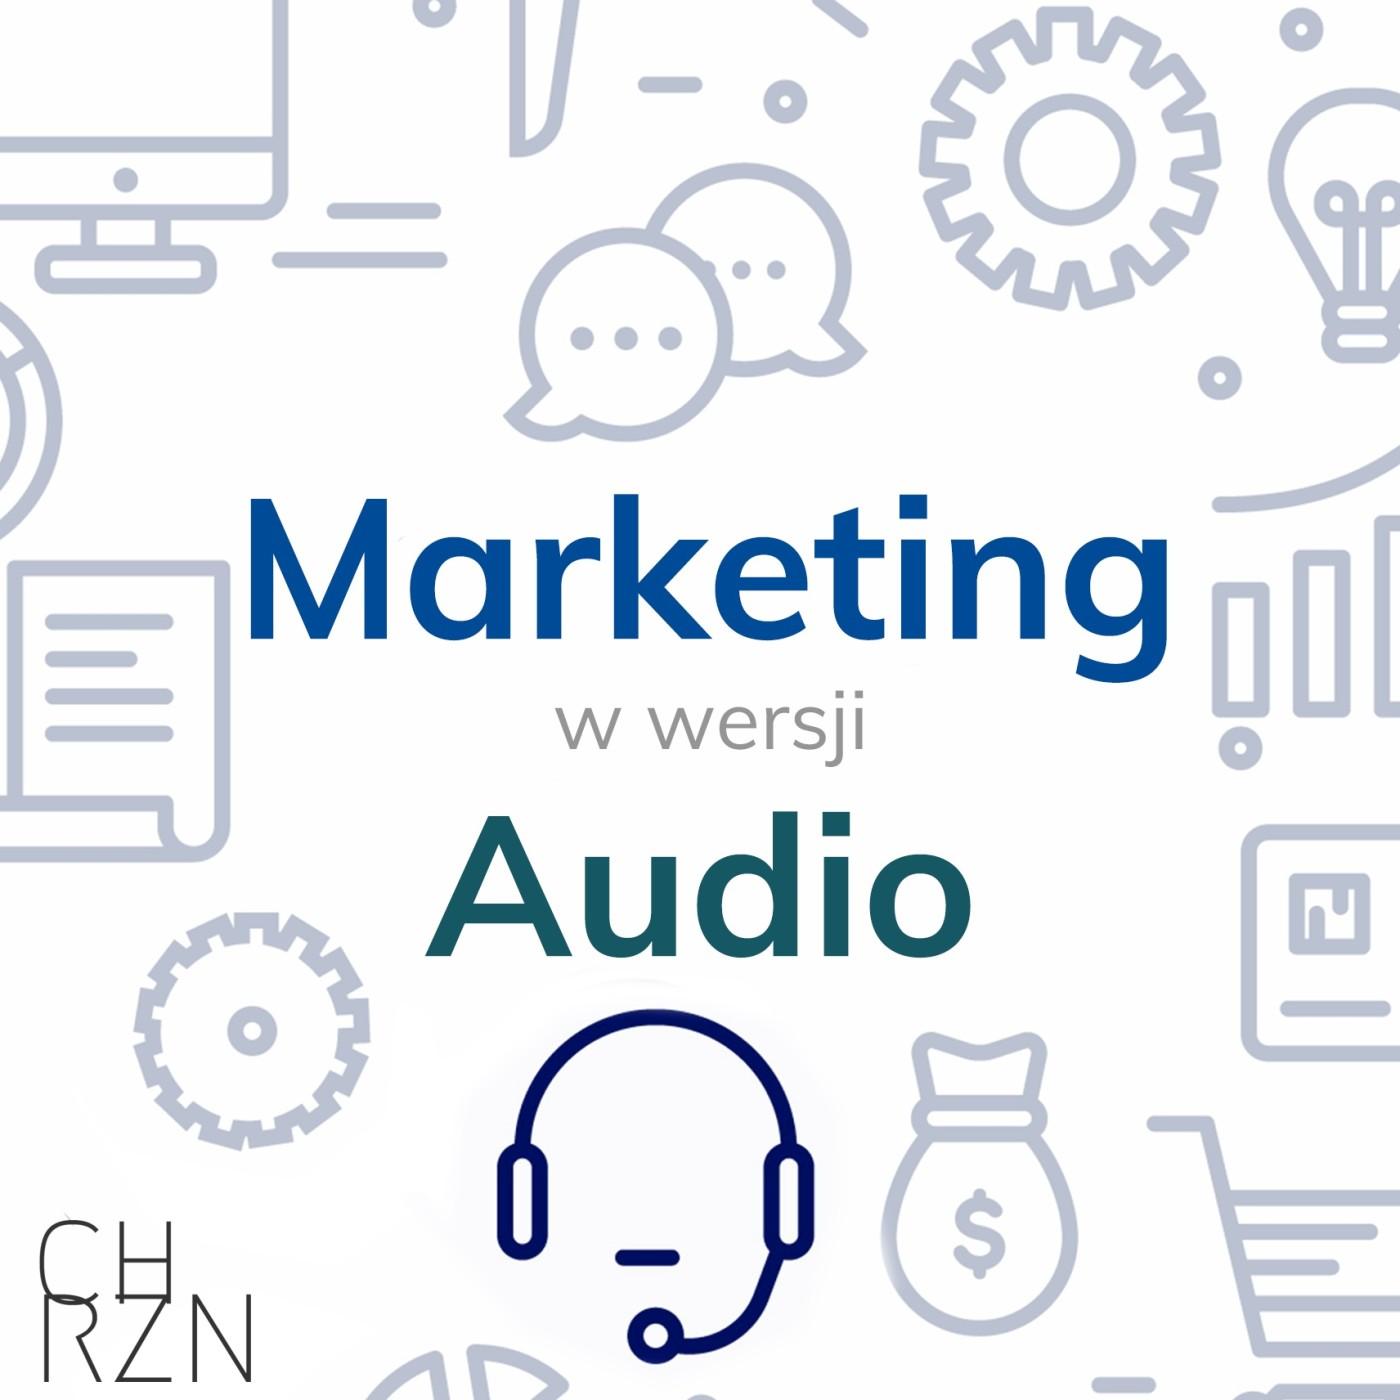 MWWA #81 Jak zacząć pracę w marketingu? Moja historia! Cz. 2 – Od 0 do eksperta Facebook Ads